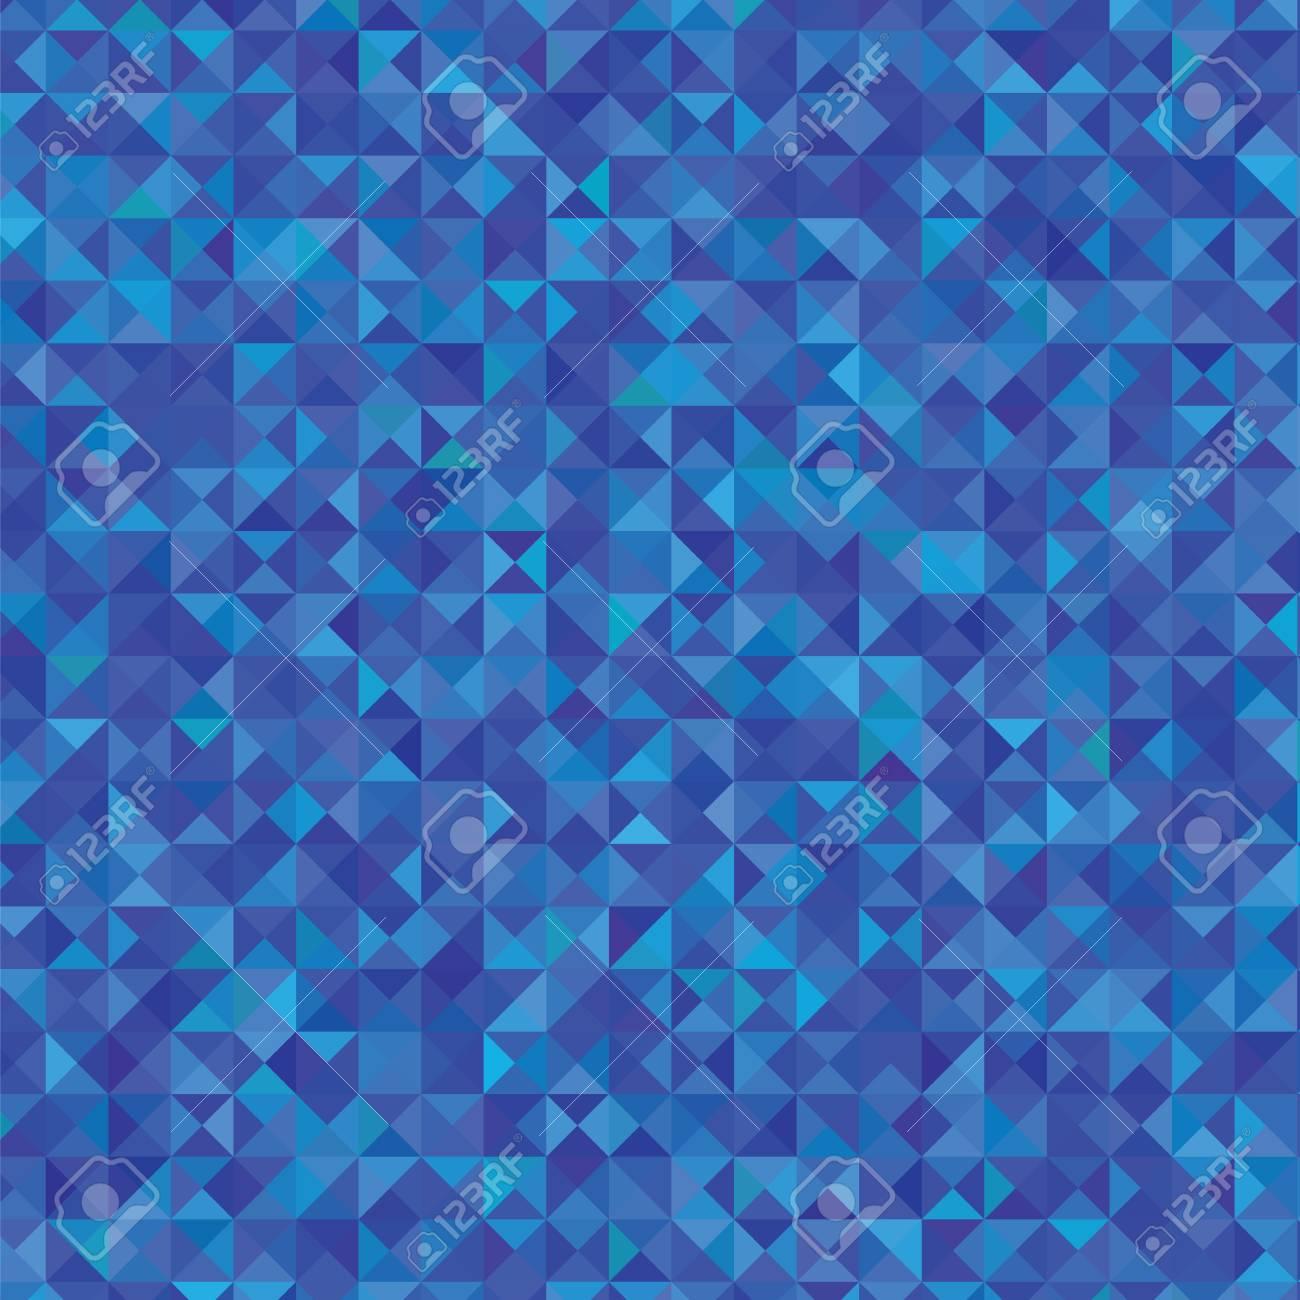 Illustration Avec Résumé Fond Bleu Conception Graphique Utile Pour Votre Design Bleu Texture Polygonal